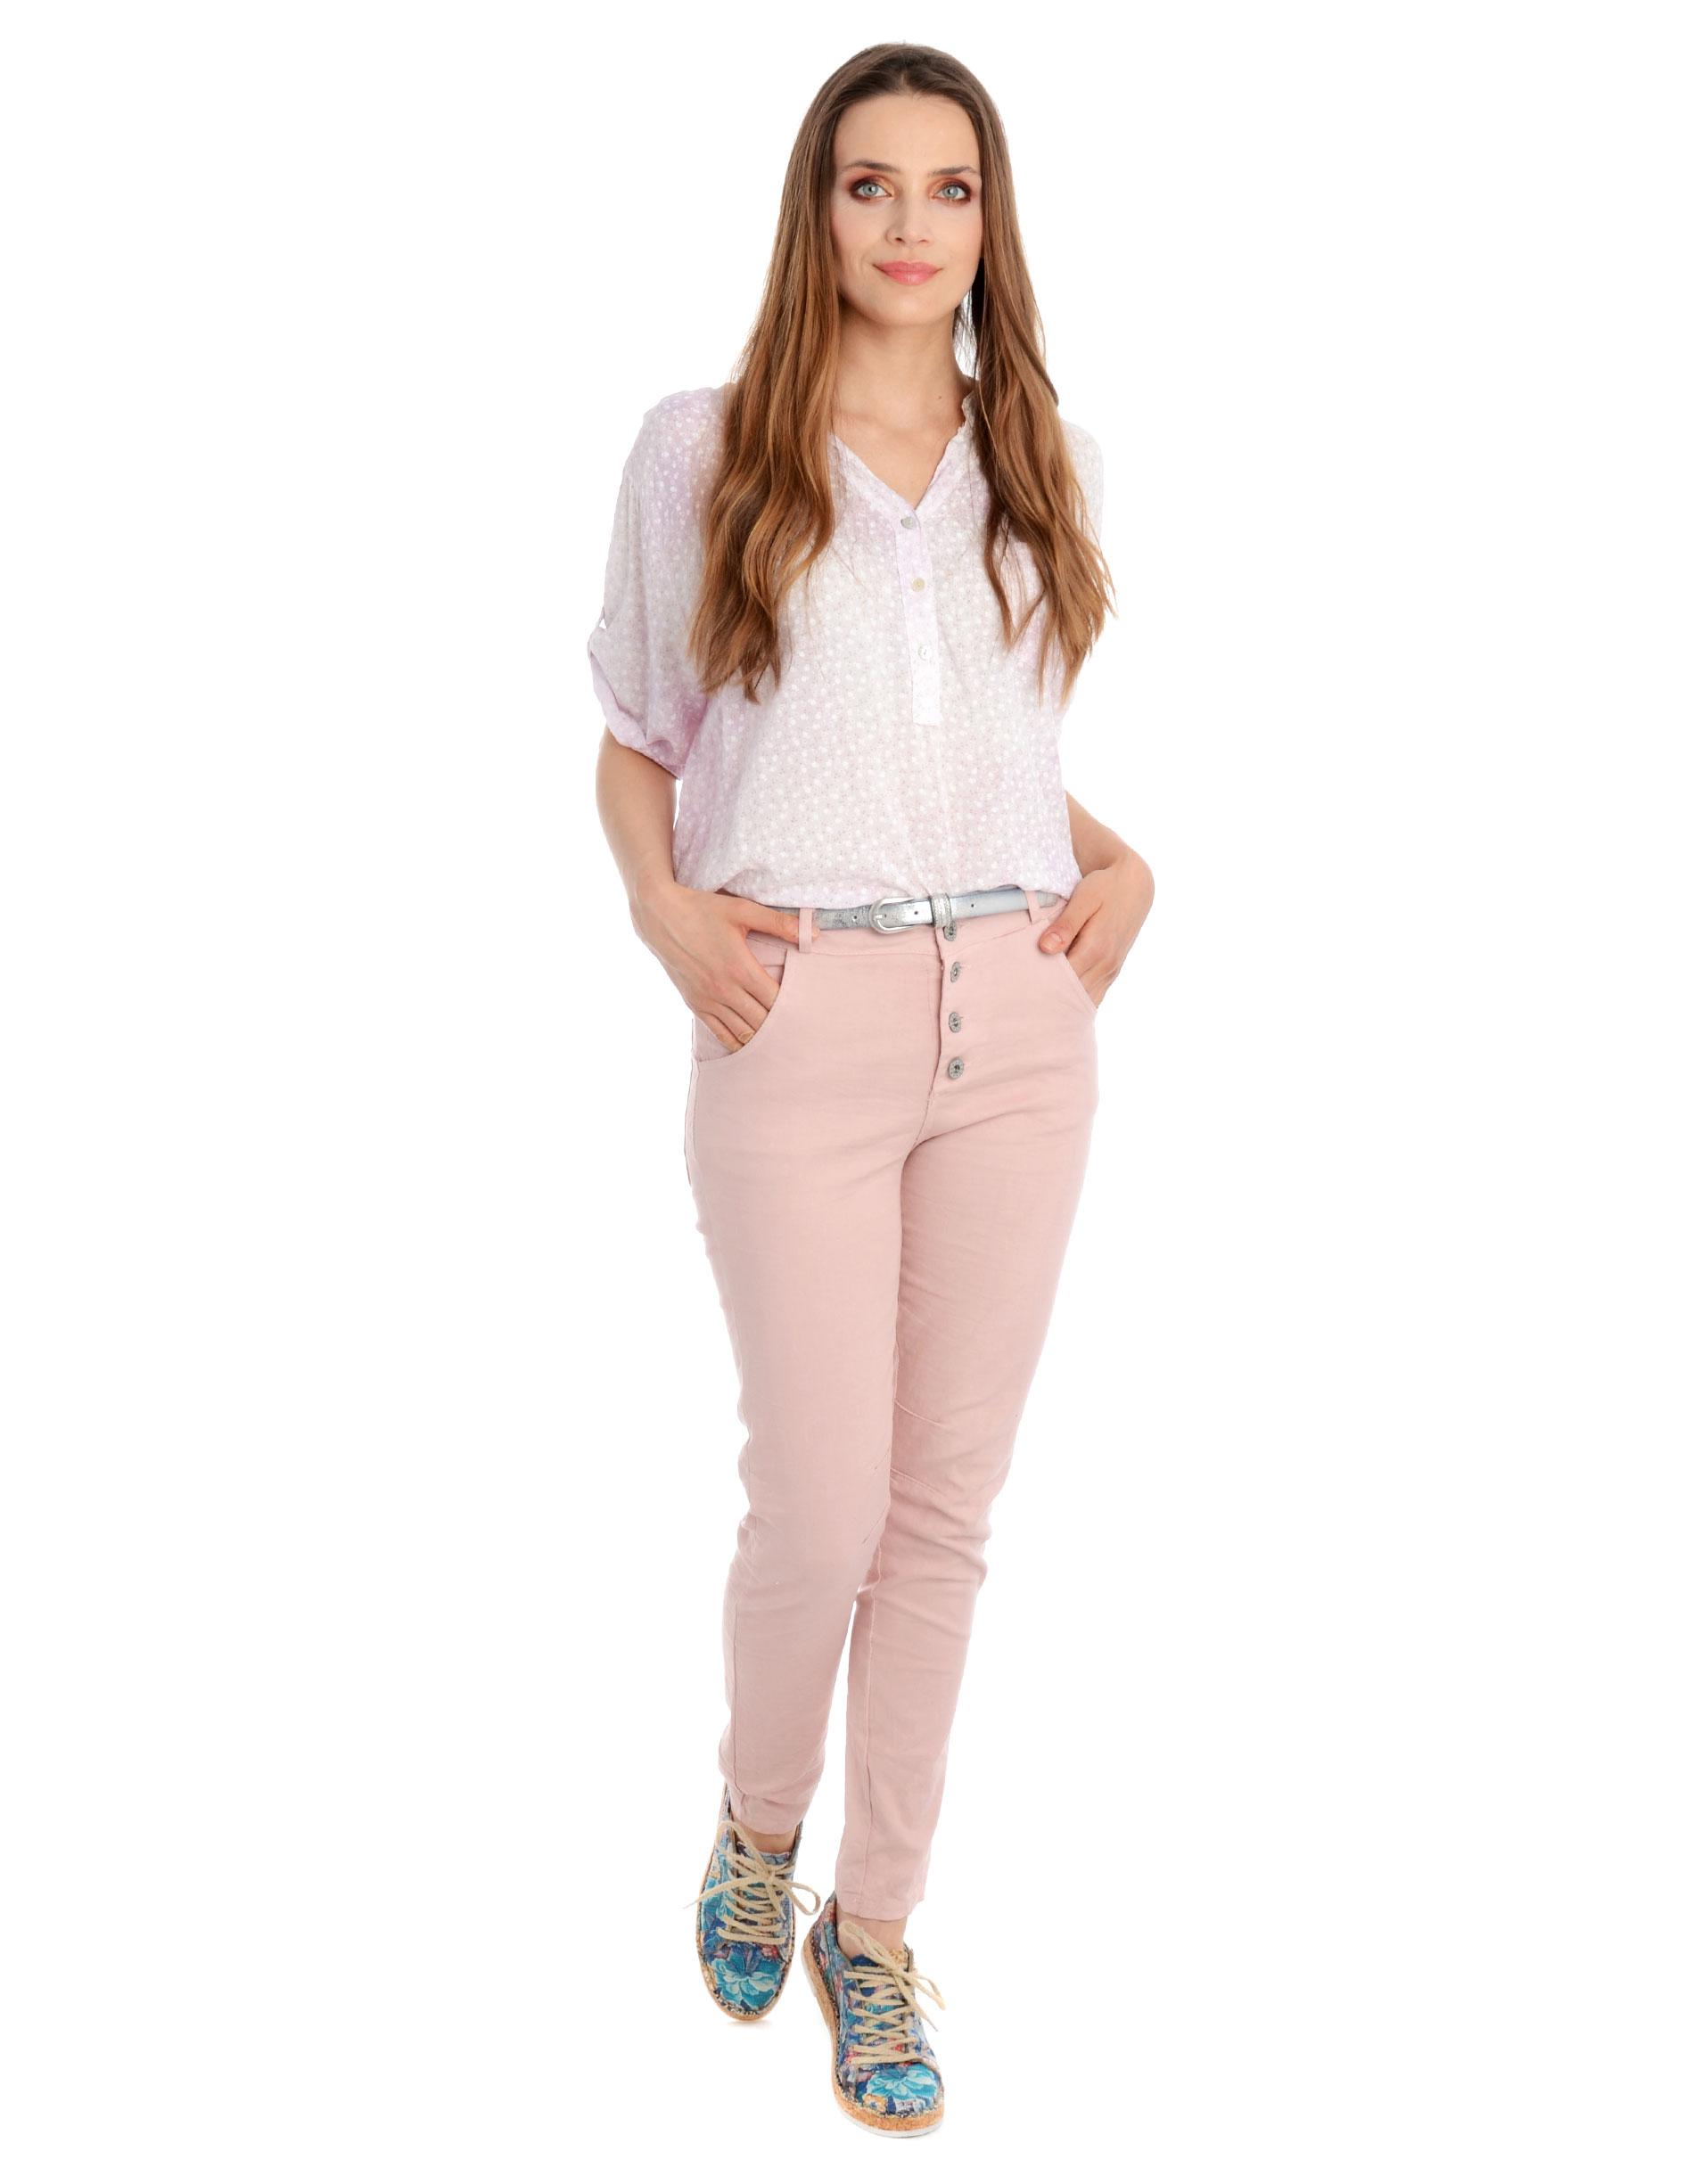 Spodnie - 52-30404 ROW7 - Unisono